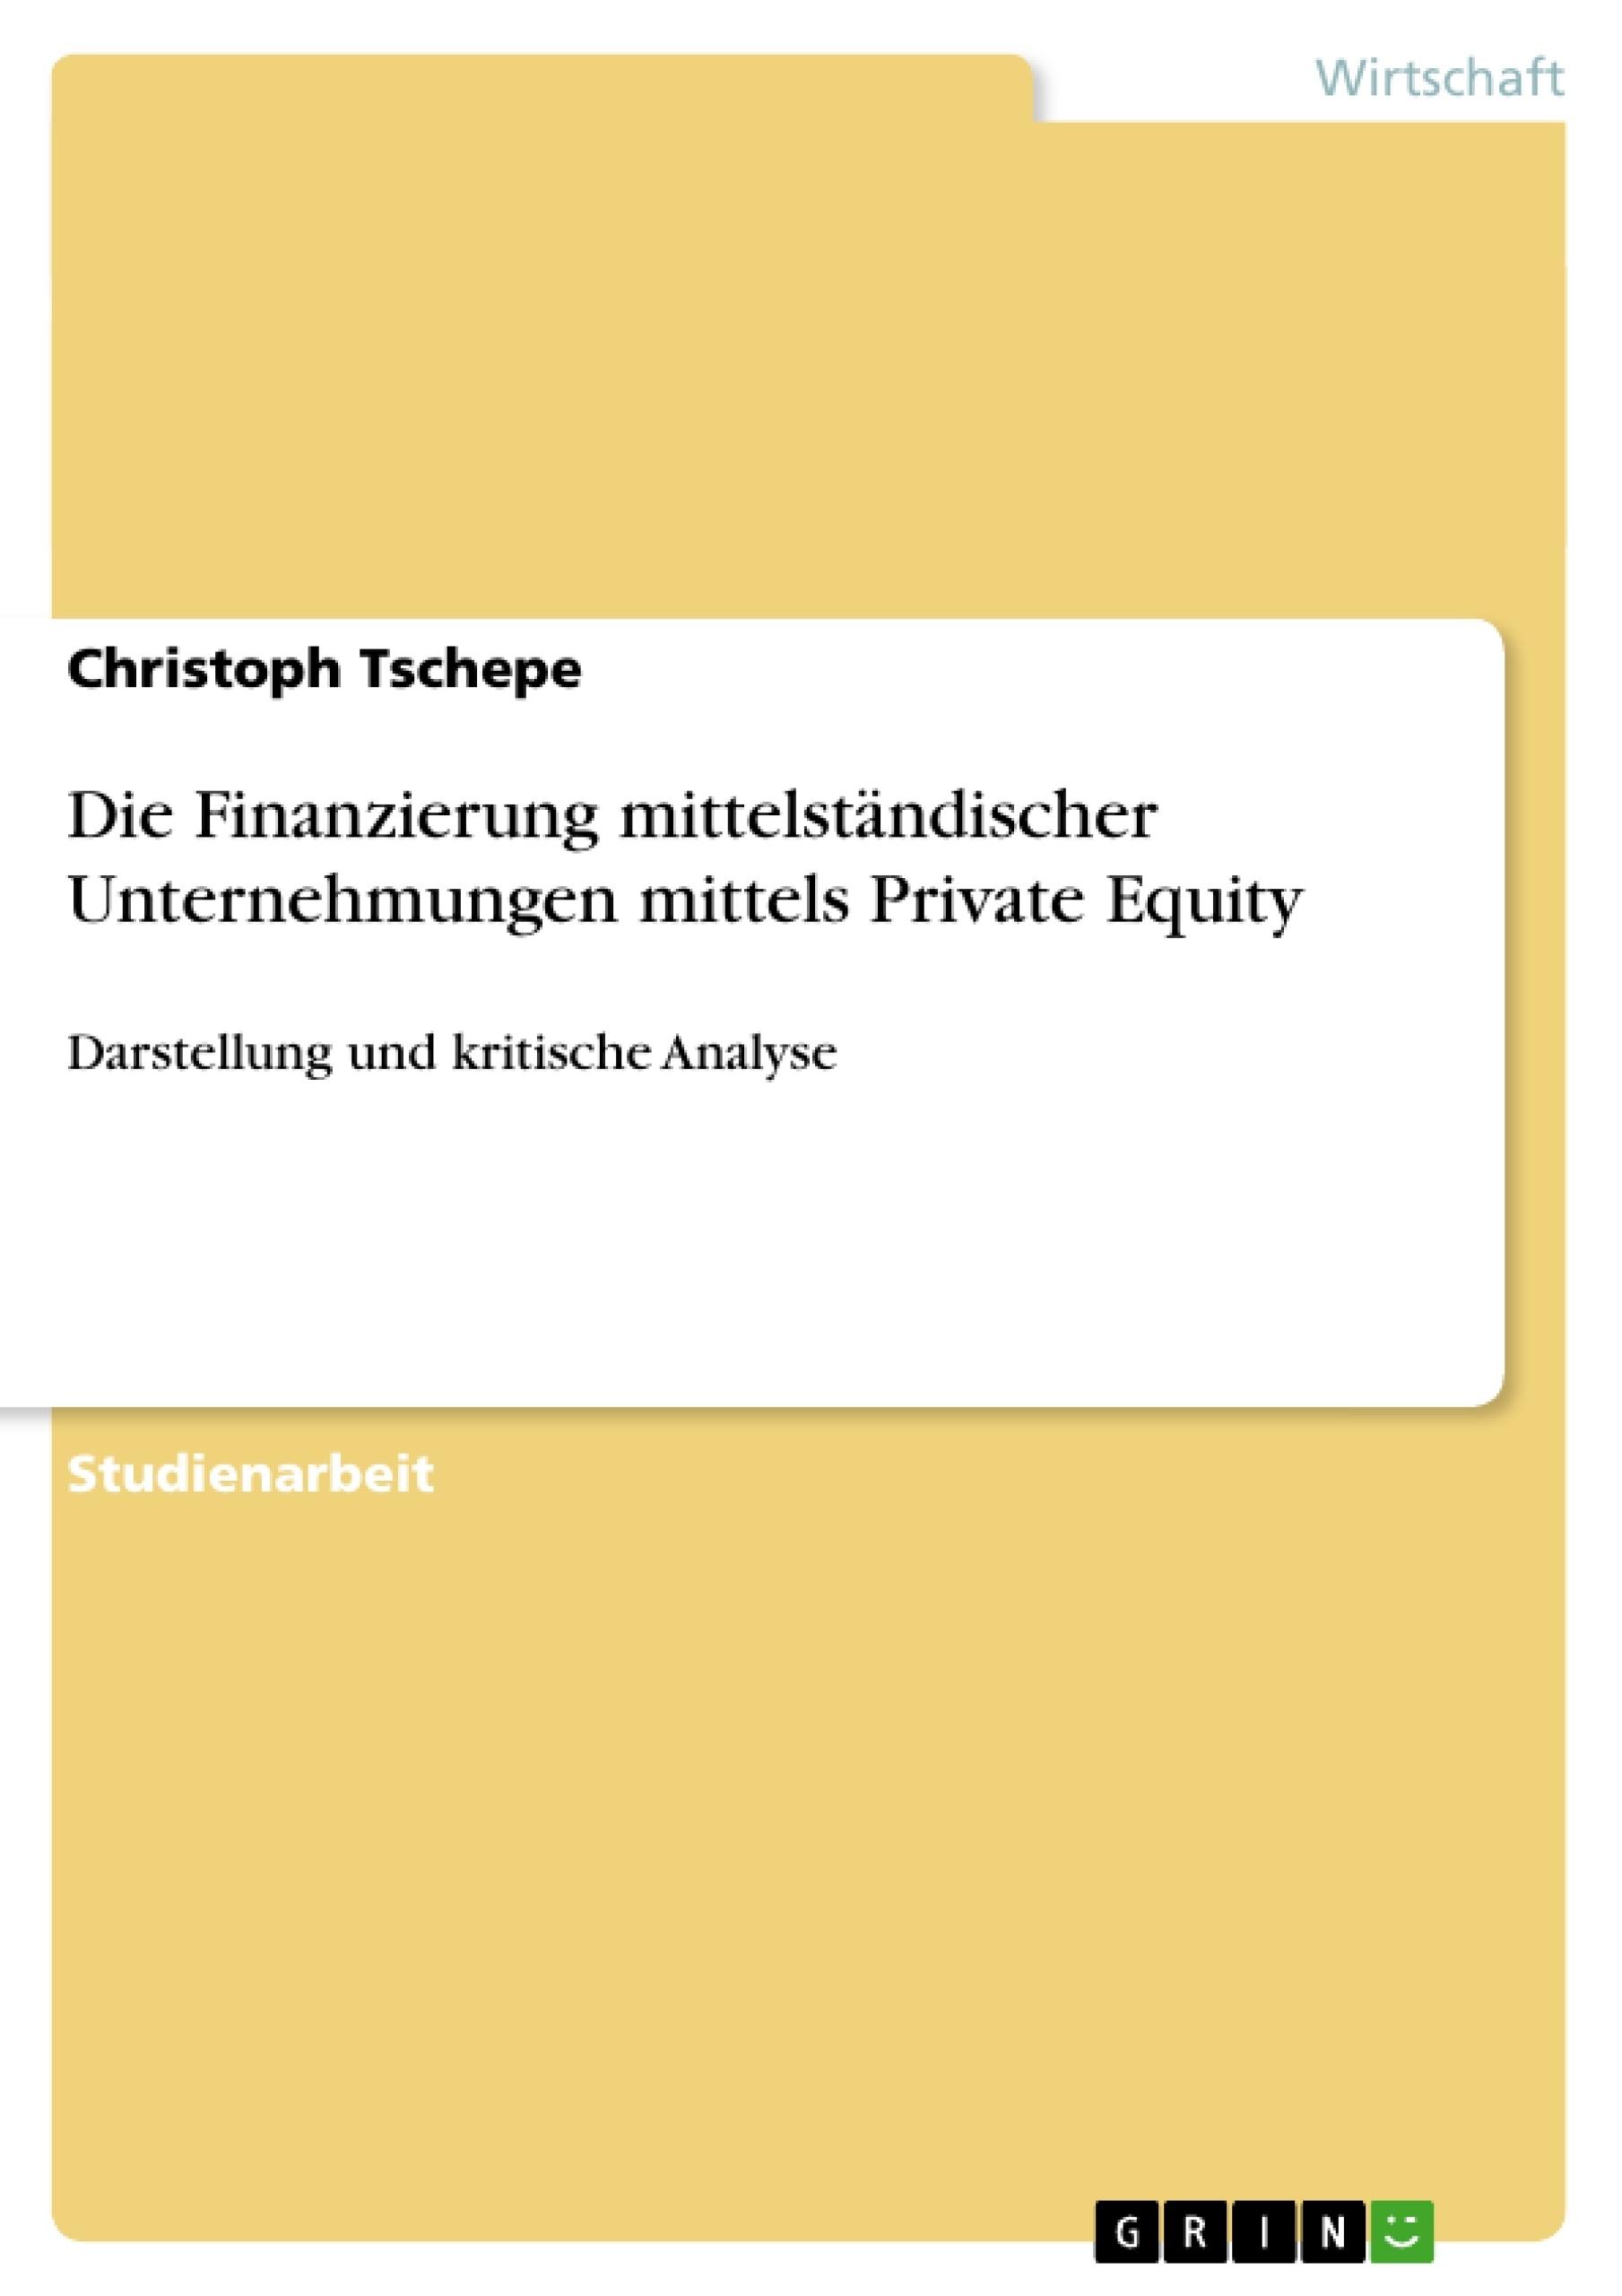 Titel: Die Finanzierung mittelständischer Unternehmungen mittels Private Equity